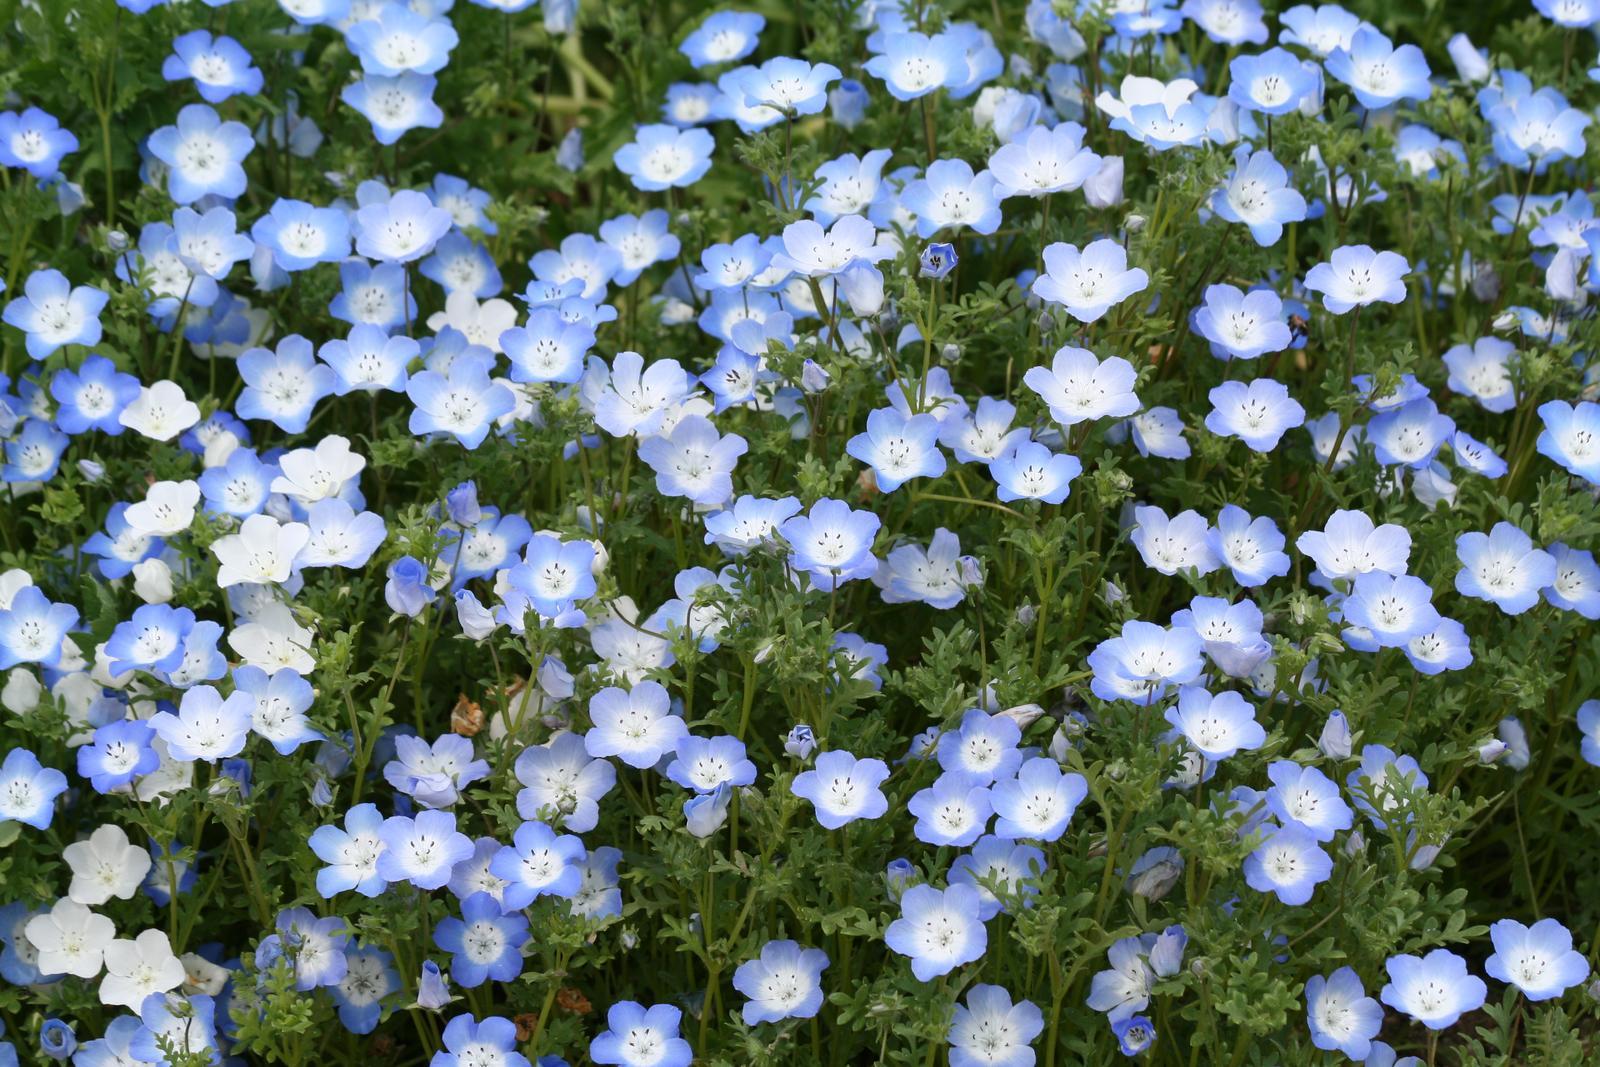 種子 日光種苗 ネモフィラ 新品■送料無料■ 送料無料カード決済可能 インシグニスブルー 10mL入 約4900粒 郵送対応